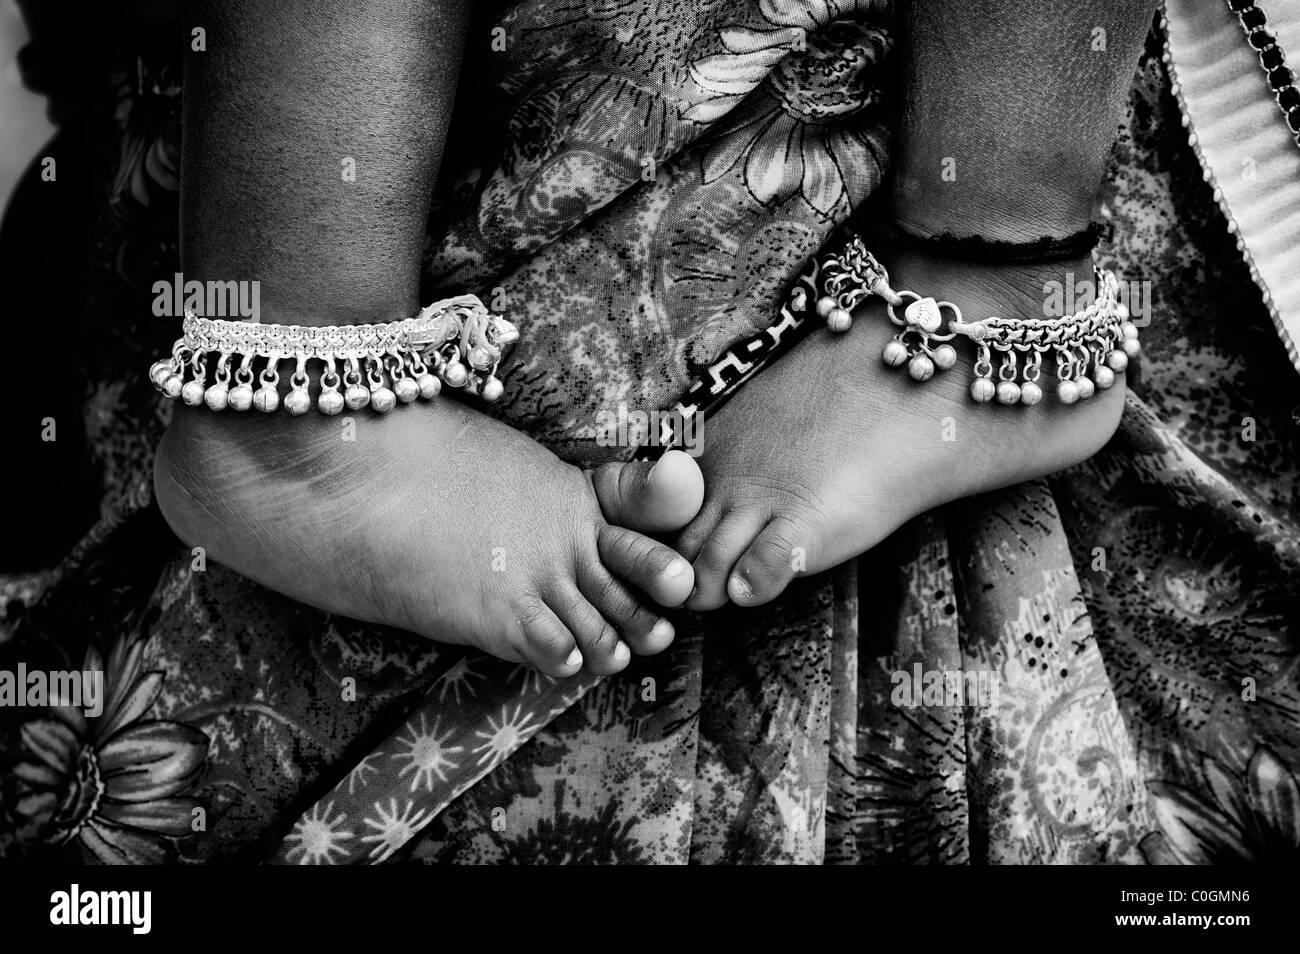 Los bebés indios pies descalzos contra las madres floral sari. Monocromo Imagen De Stock